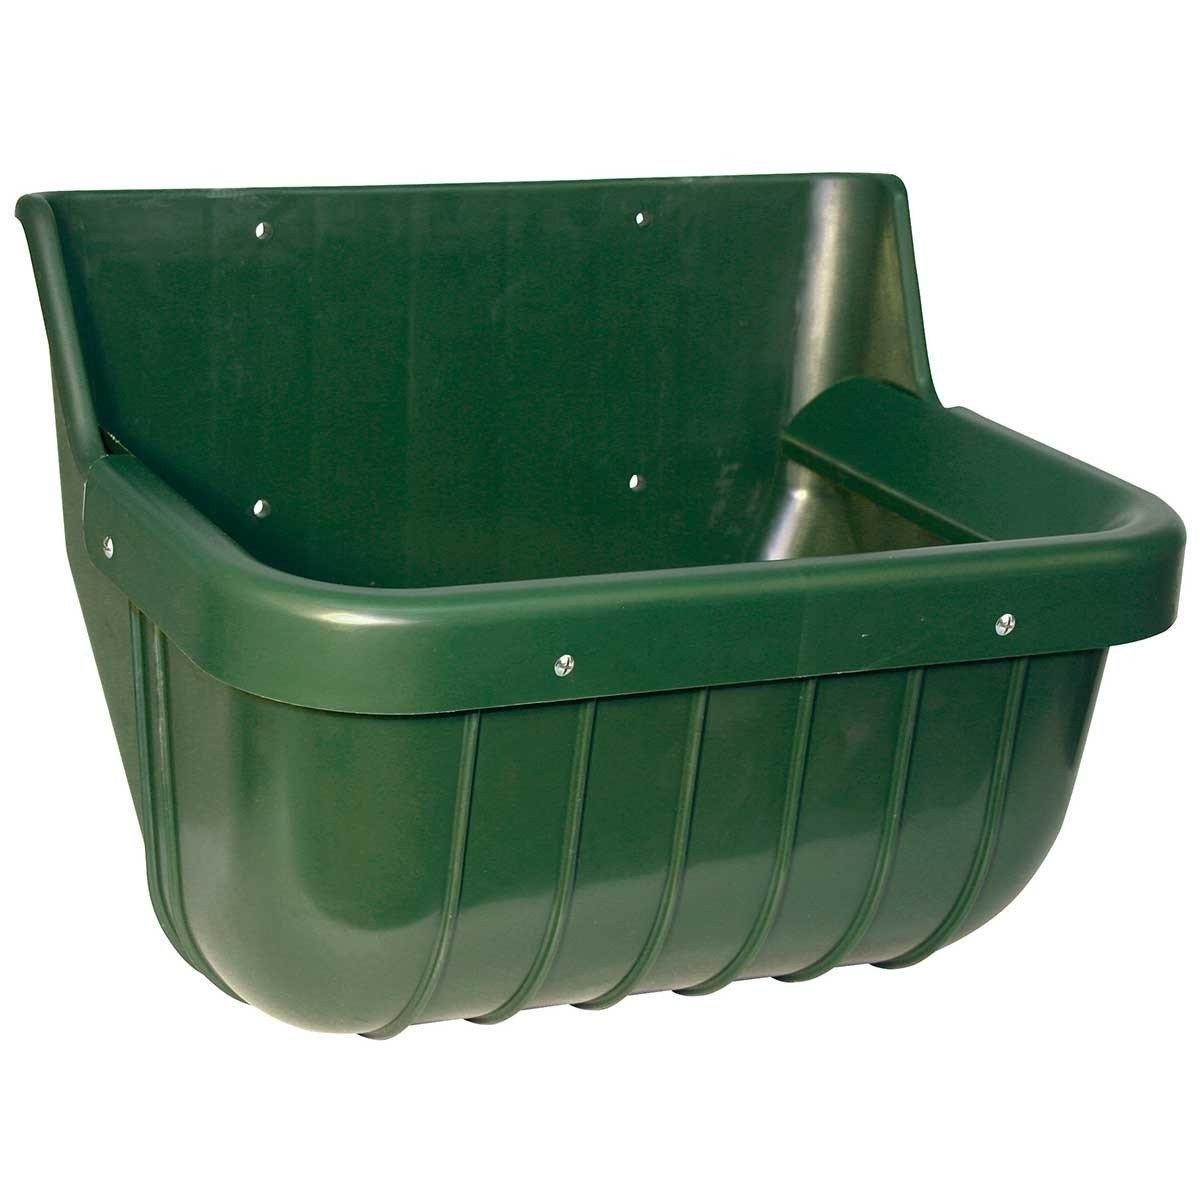 Kerbl Pferdetrog mit Schutzkante, 15 Liter, grün